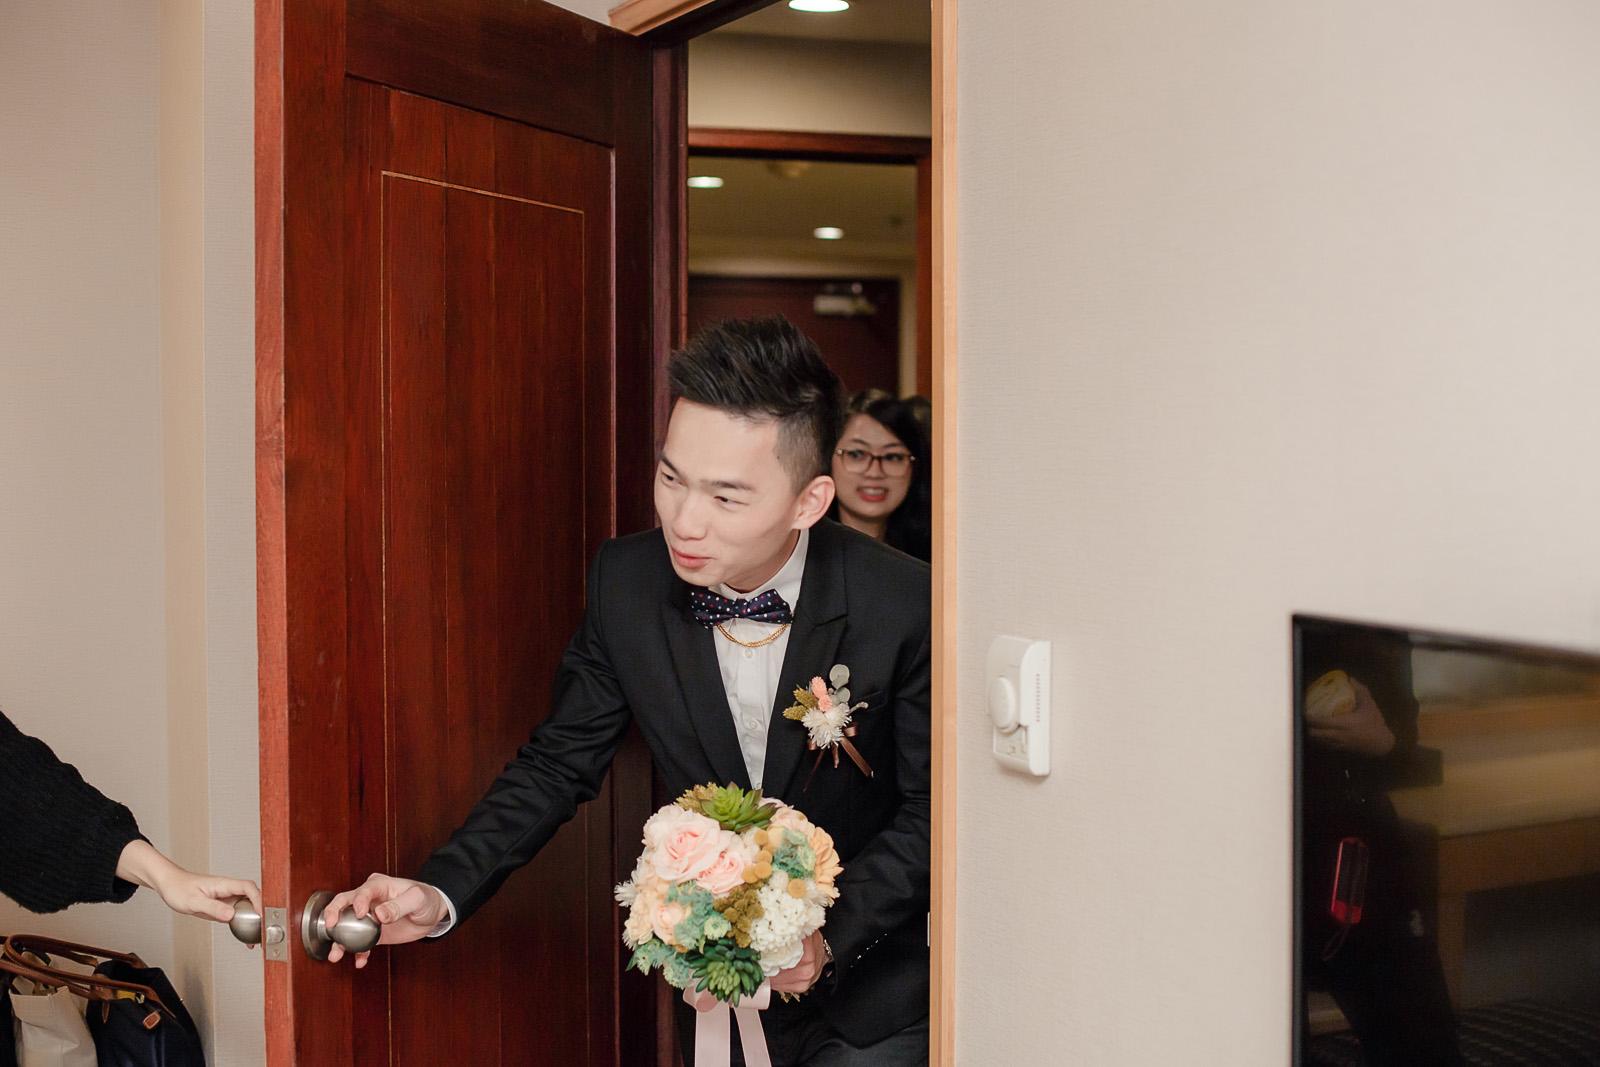 高雄圓山飯店,婚禮攝影,婚攝,高雄婚攝,優質婚攝推薦,Jen&Ethan-128